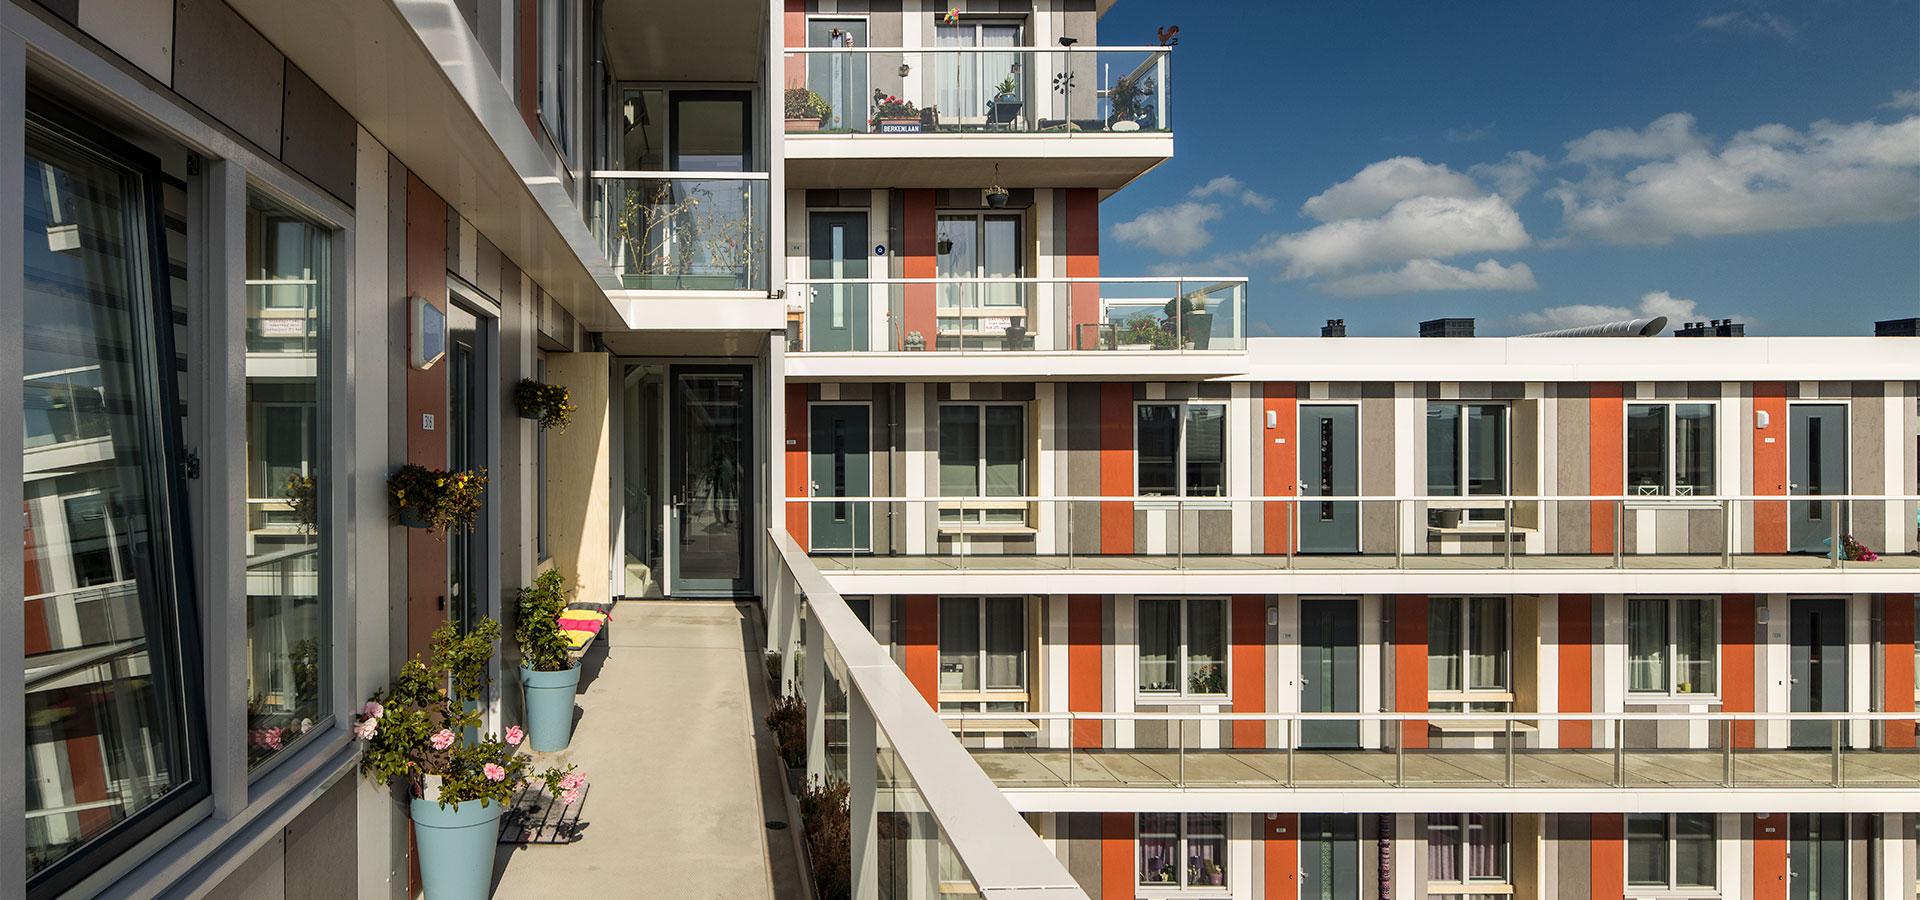 FARO architecten Hooghkamer Voorhout 04